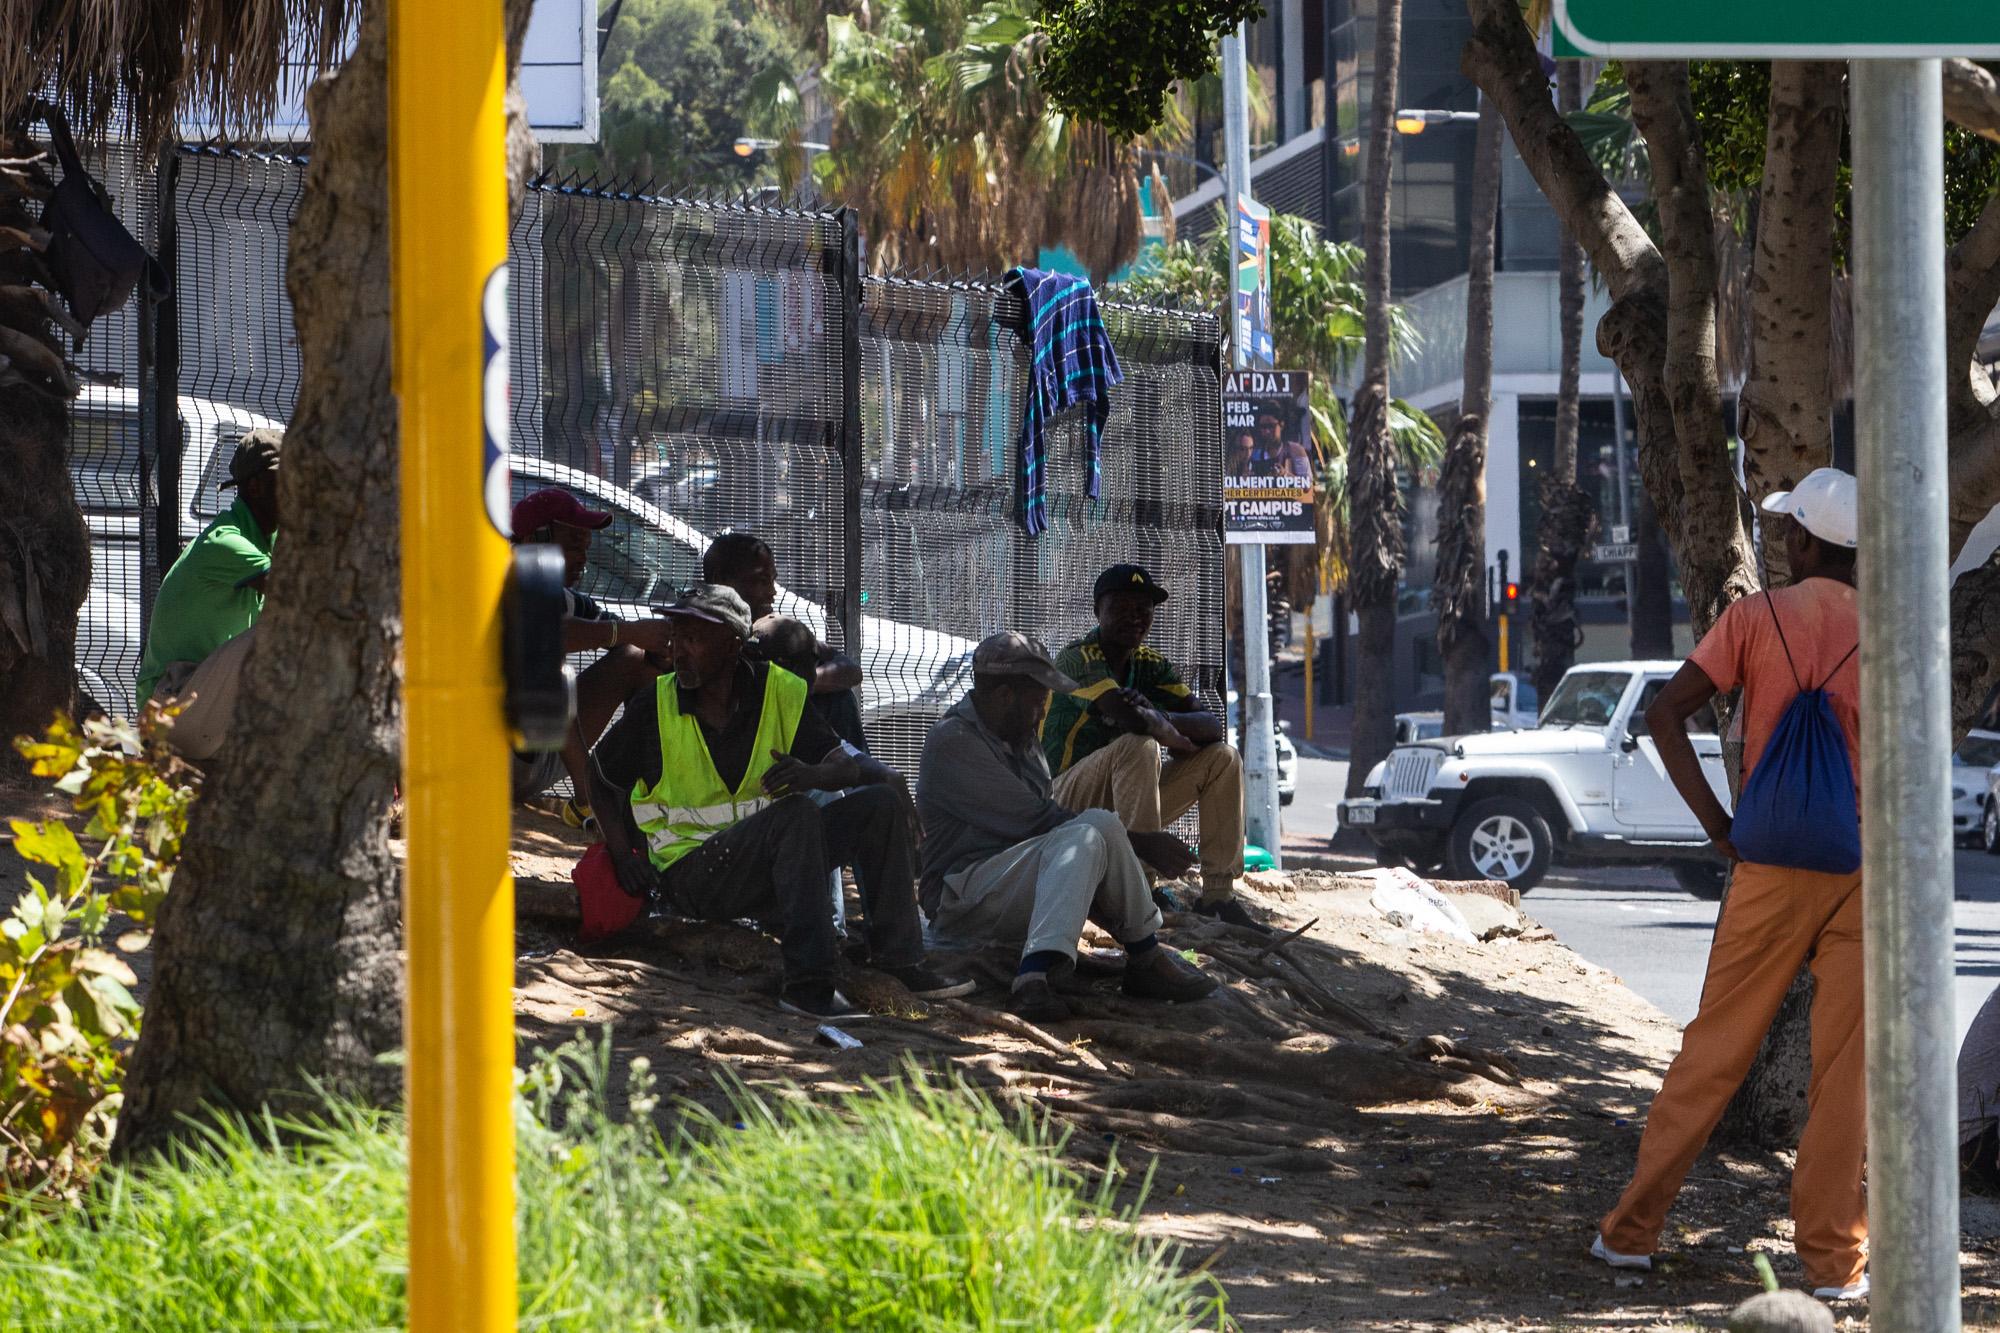 原创             曾经的非洲唯一发达国家:如今1/4人口失业,710万人患上艾滋病